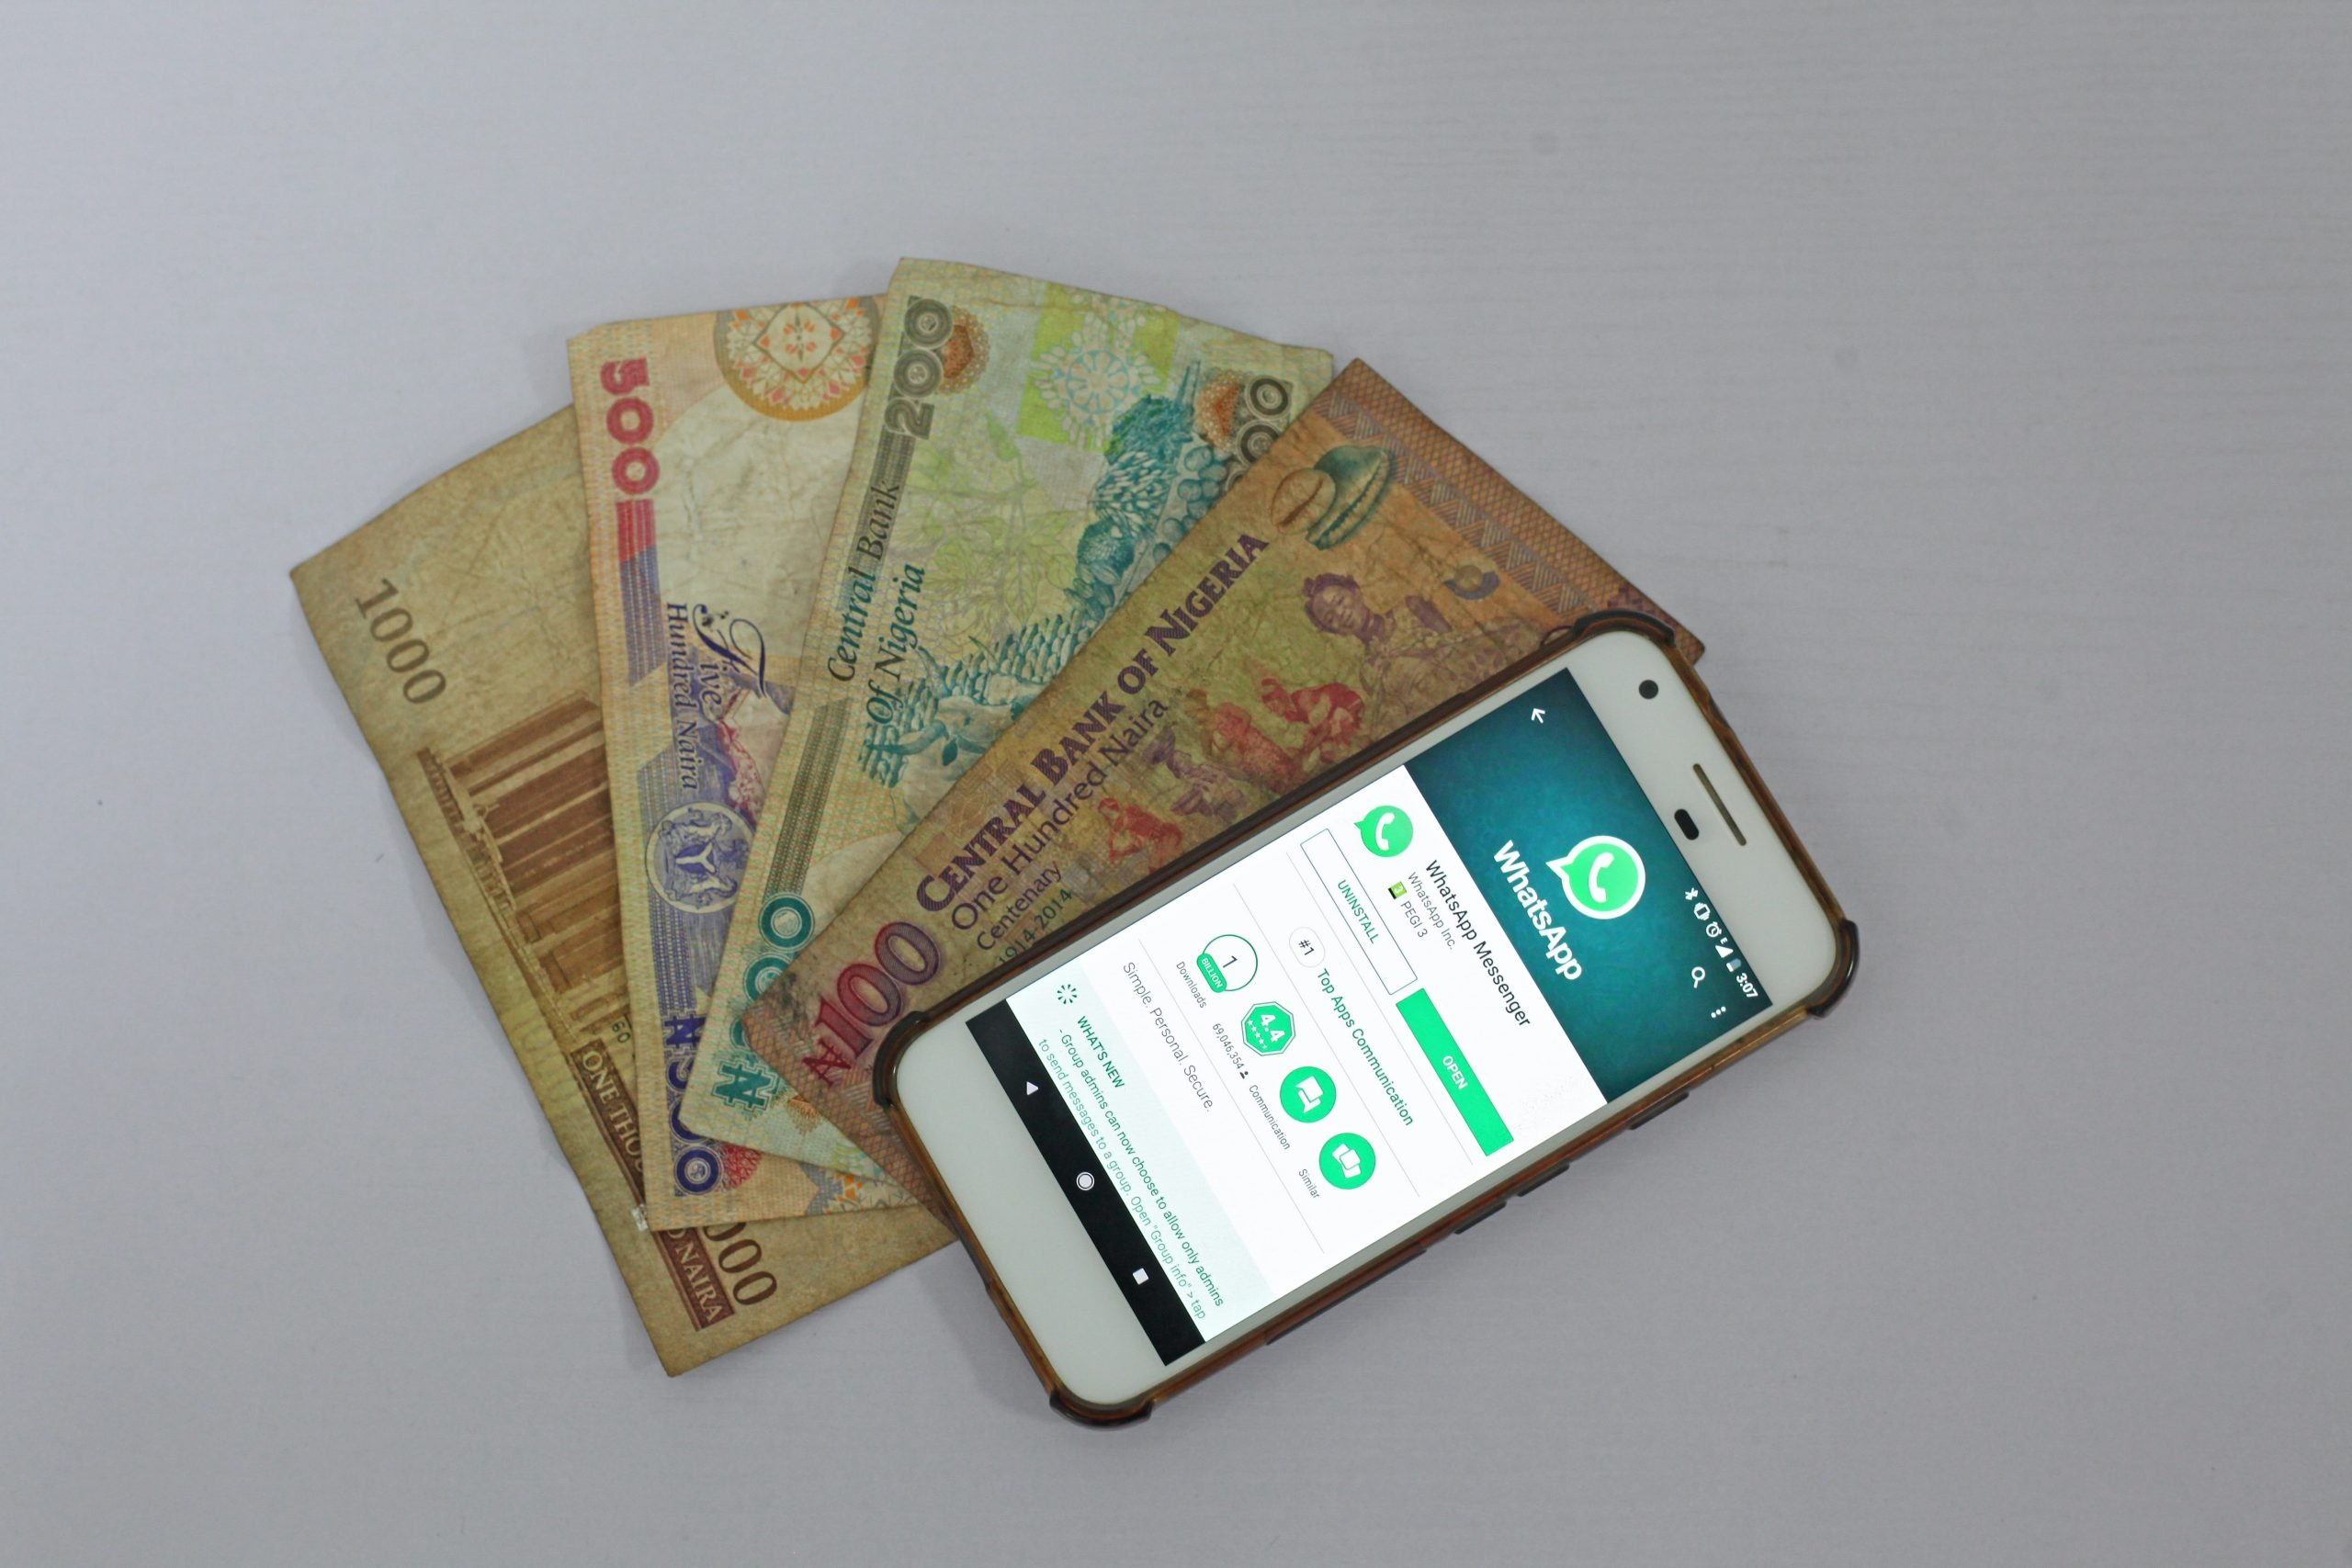 hogyan lehet pénzt keresni a mobiljáról az interneten áttekinti a swss uard bináris opciókat